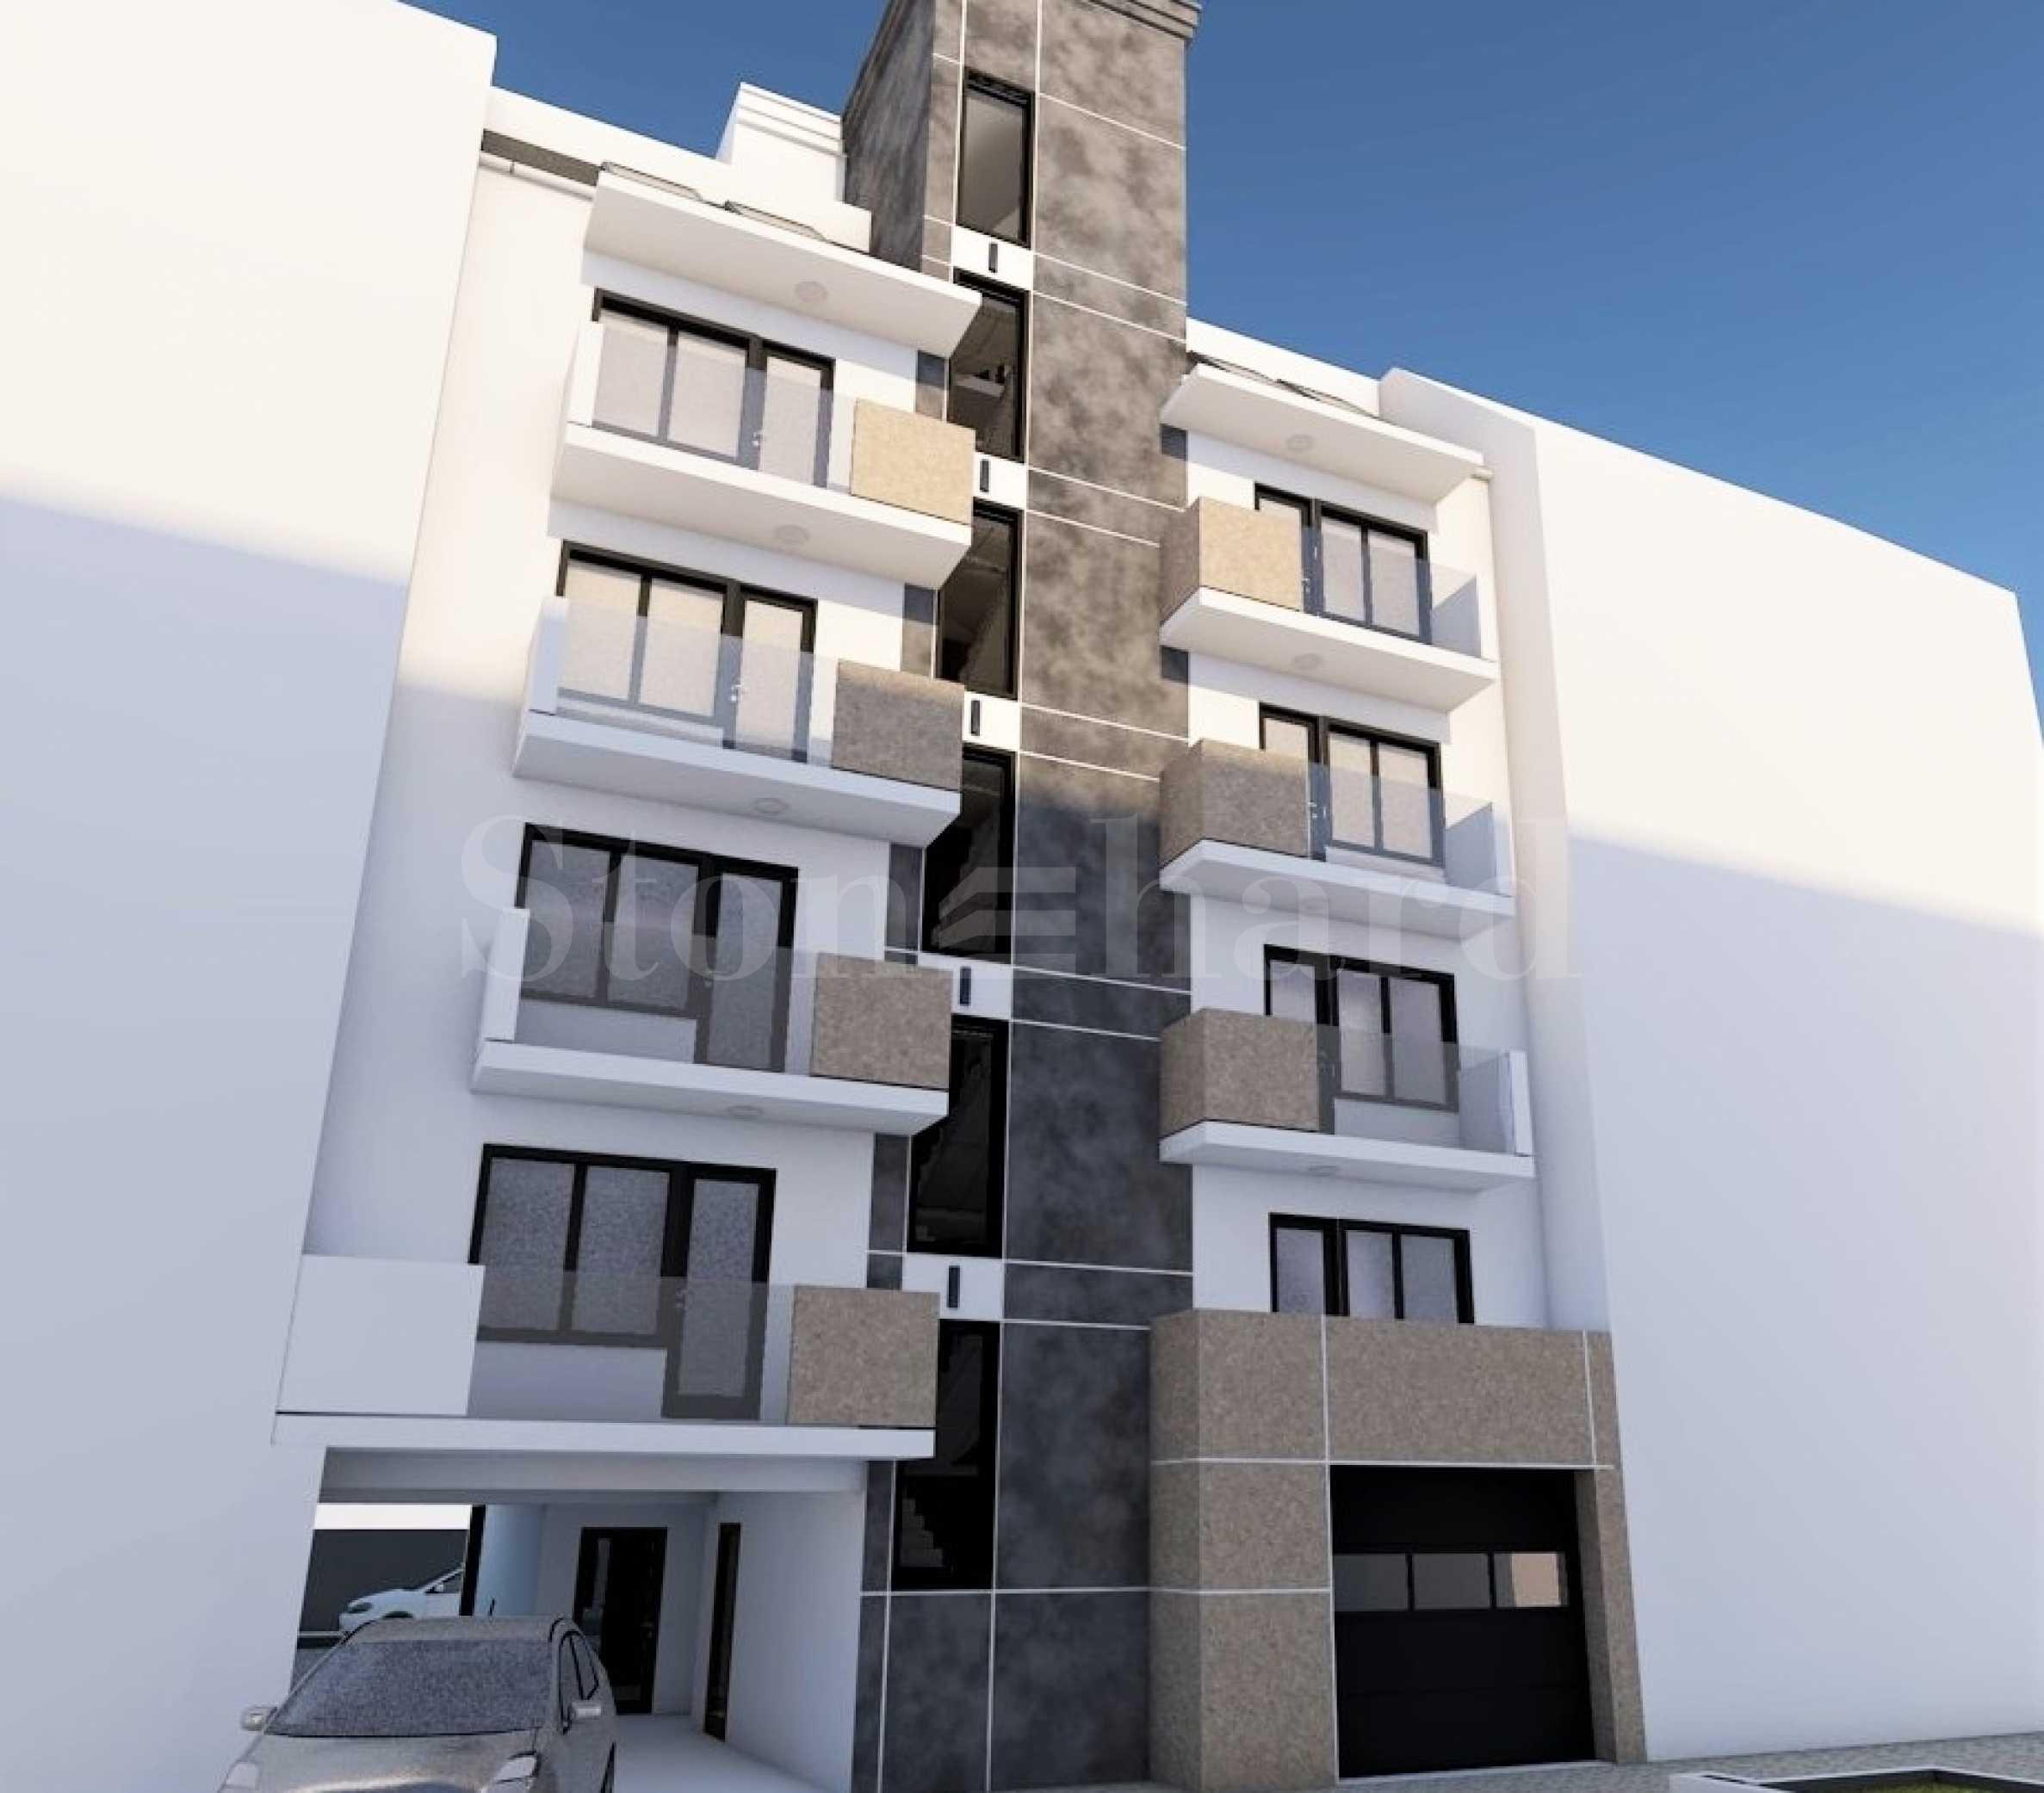 Апартаменти в нова жилищна сграда в кв. Лятно кино Тракия1 - Stonehard